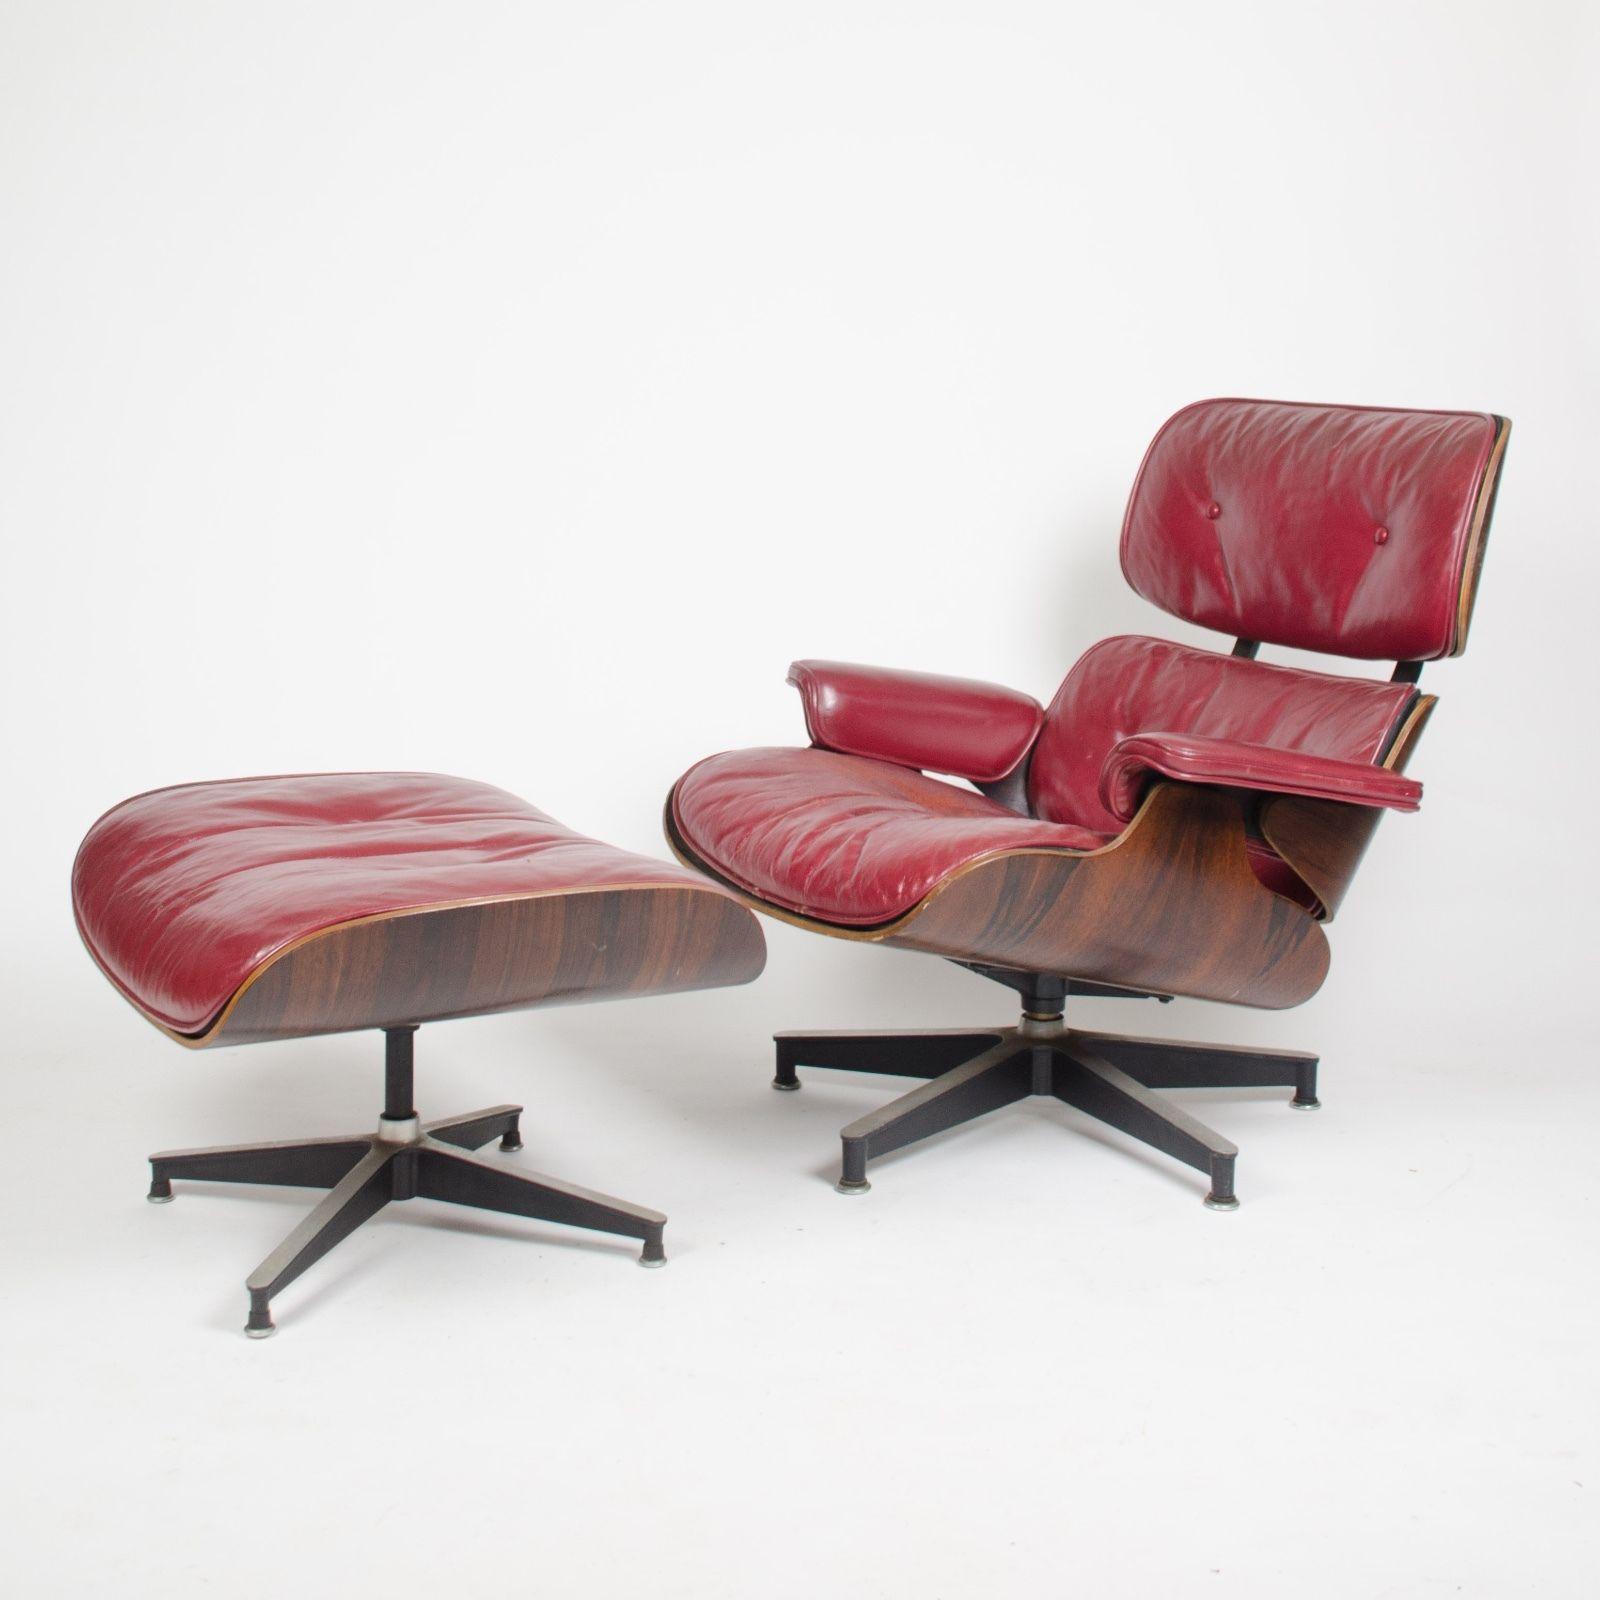 Les lounge chairs les plus élégants et luxueux trouvés sur eBay on chaise recliner chair, chaise sofa sleeper, chaise furniture,